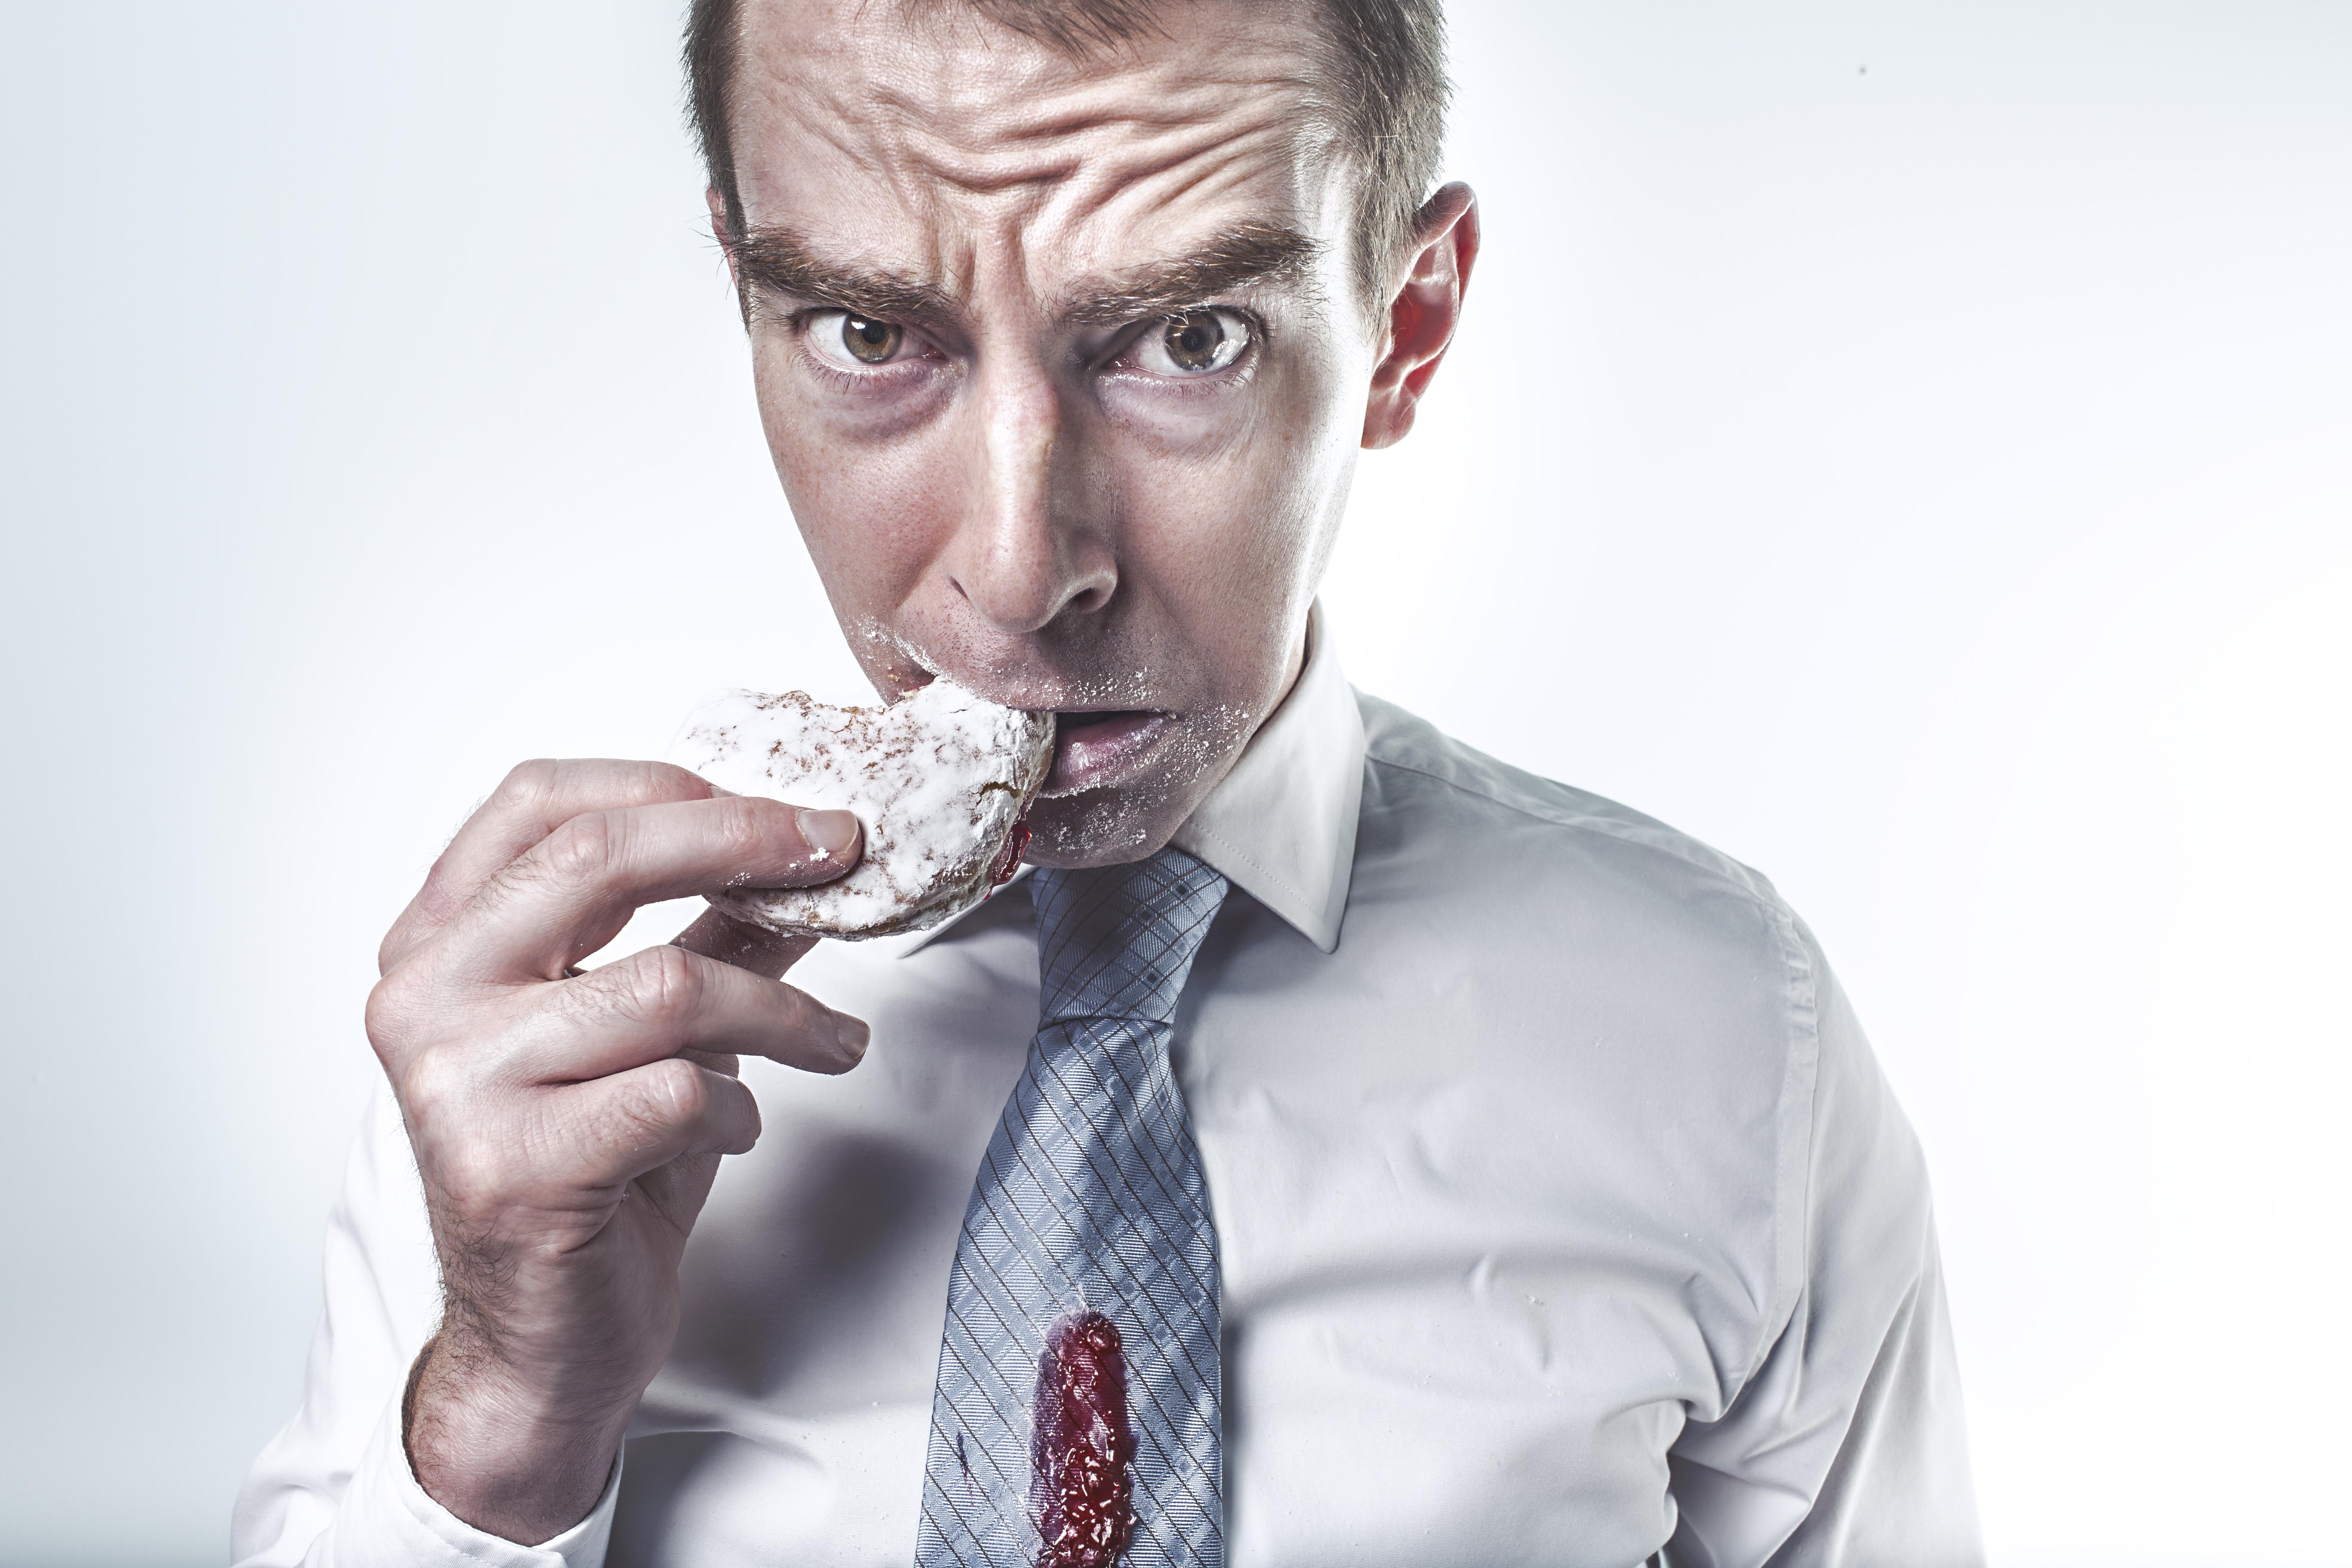 Po trzecie, koniecznie trzeba nauczyć się jeść powoli. Mózg potrzebuje czasu,...